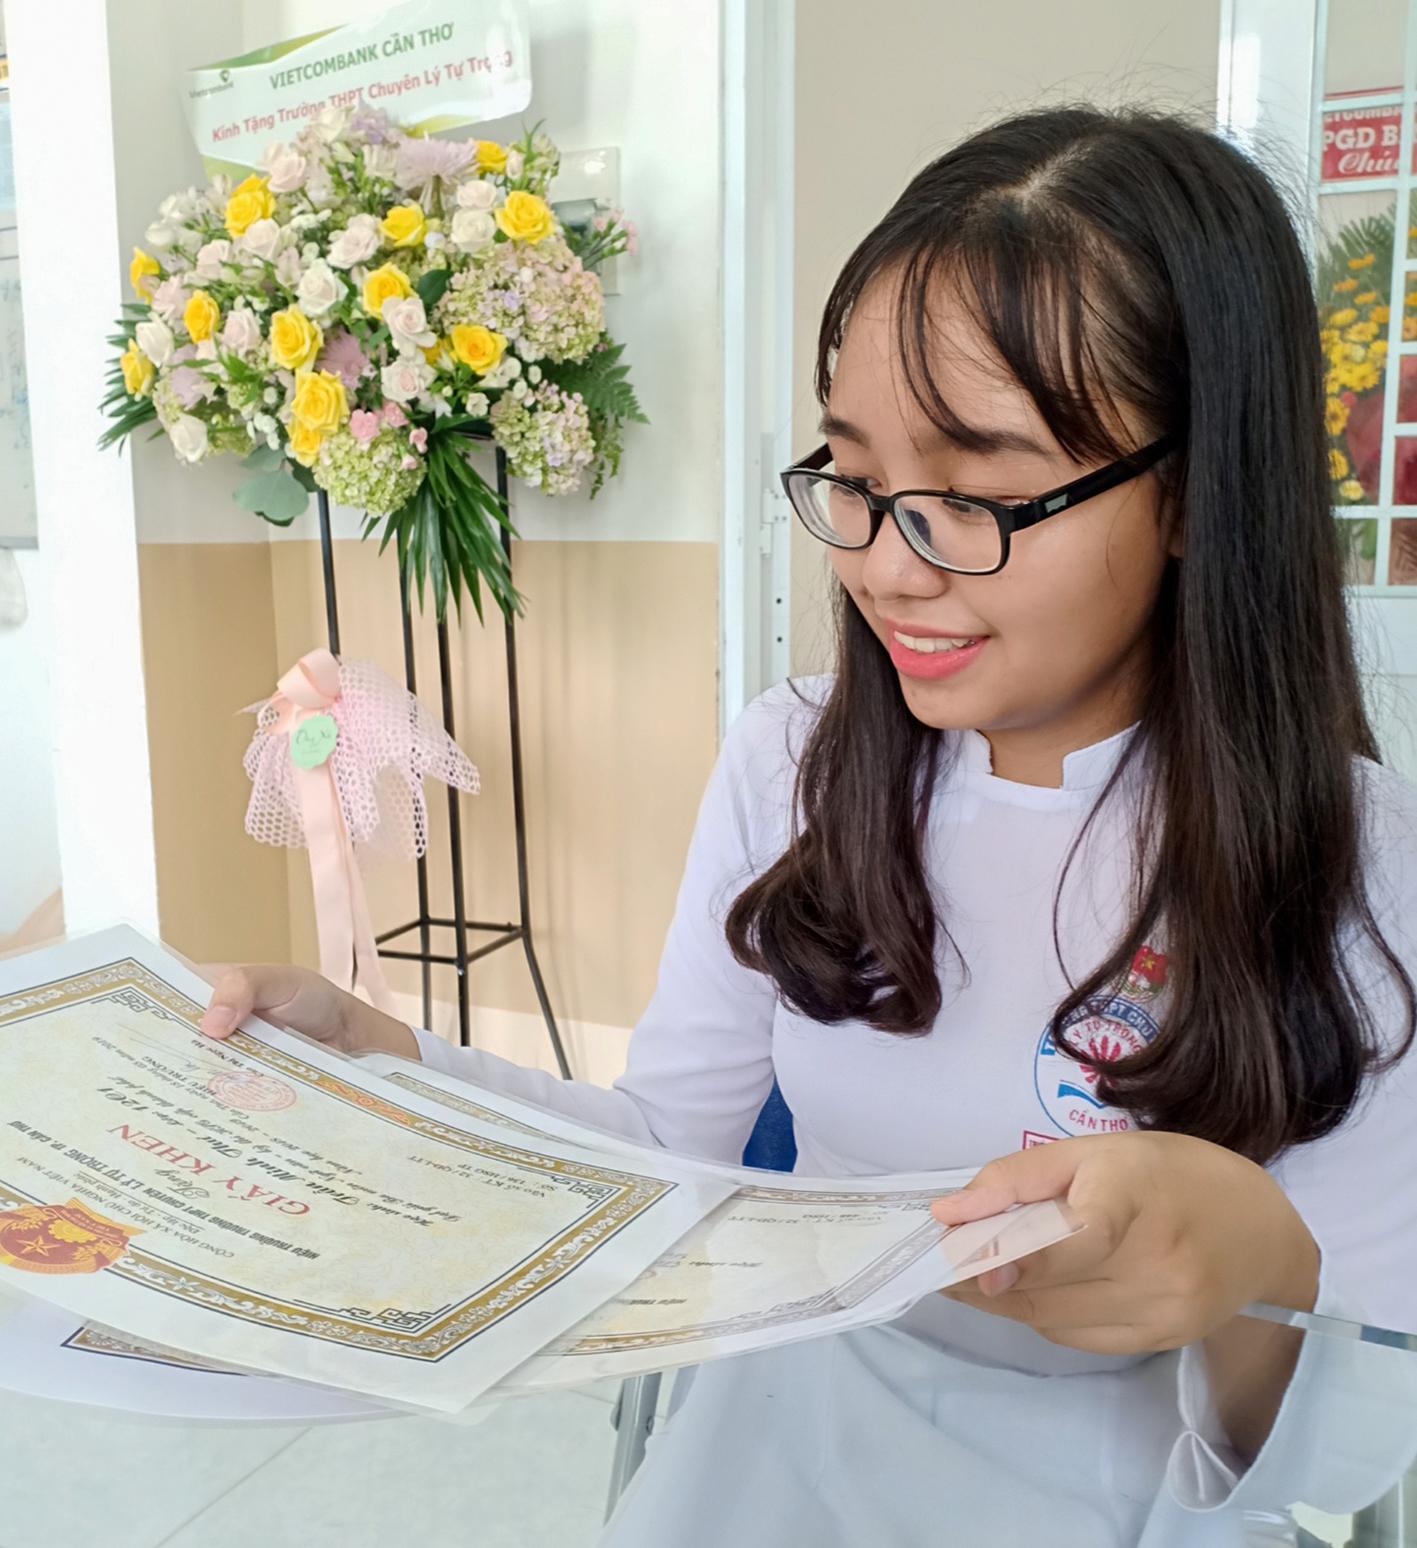 Trần Minh Thư và các giấy khen được nhận vào lễ tổng kết năm học.